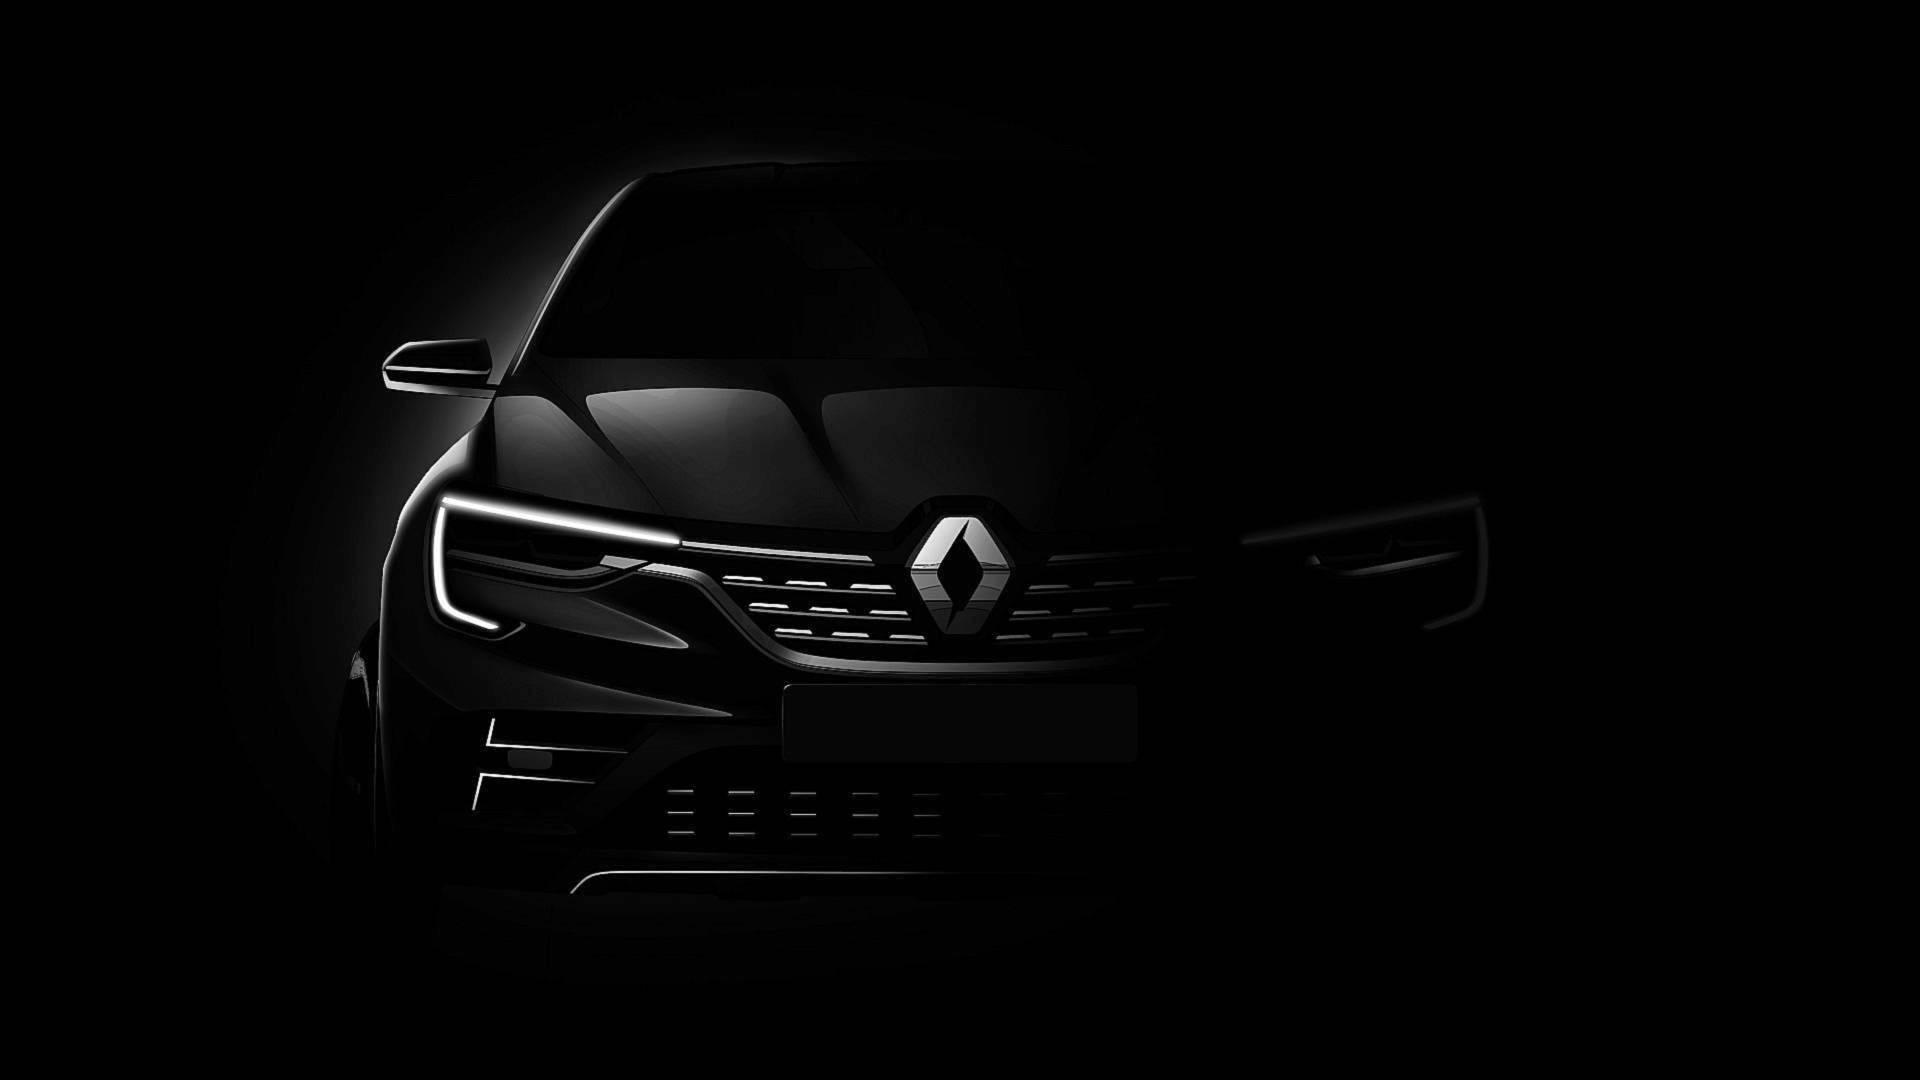 Renault назвала имя российского кроссовера — Arkana, то есть «Тайна»